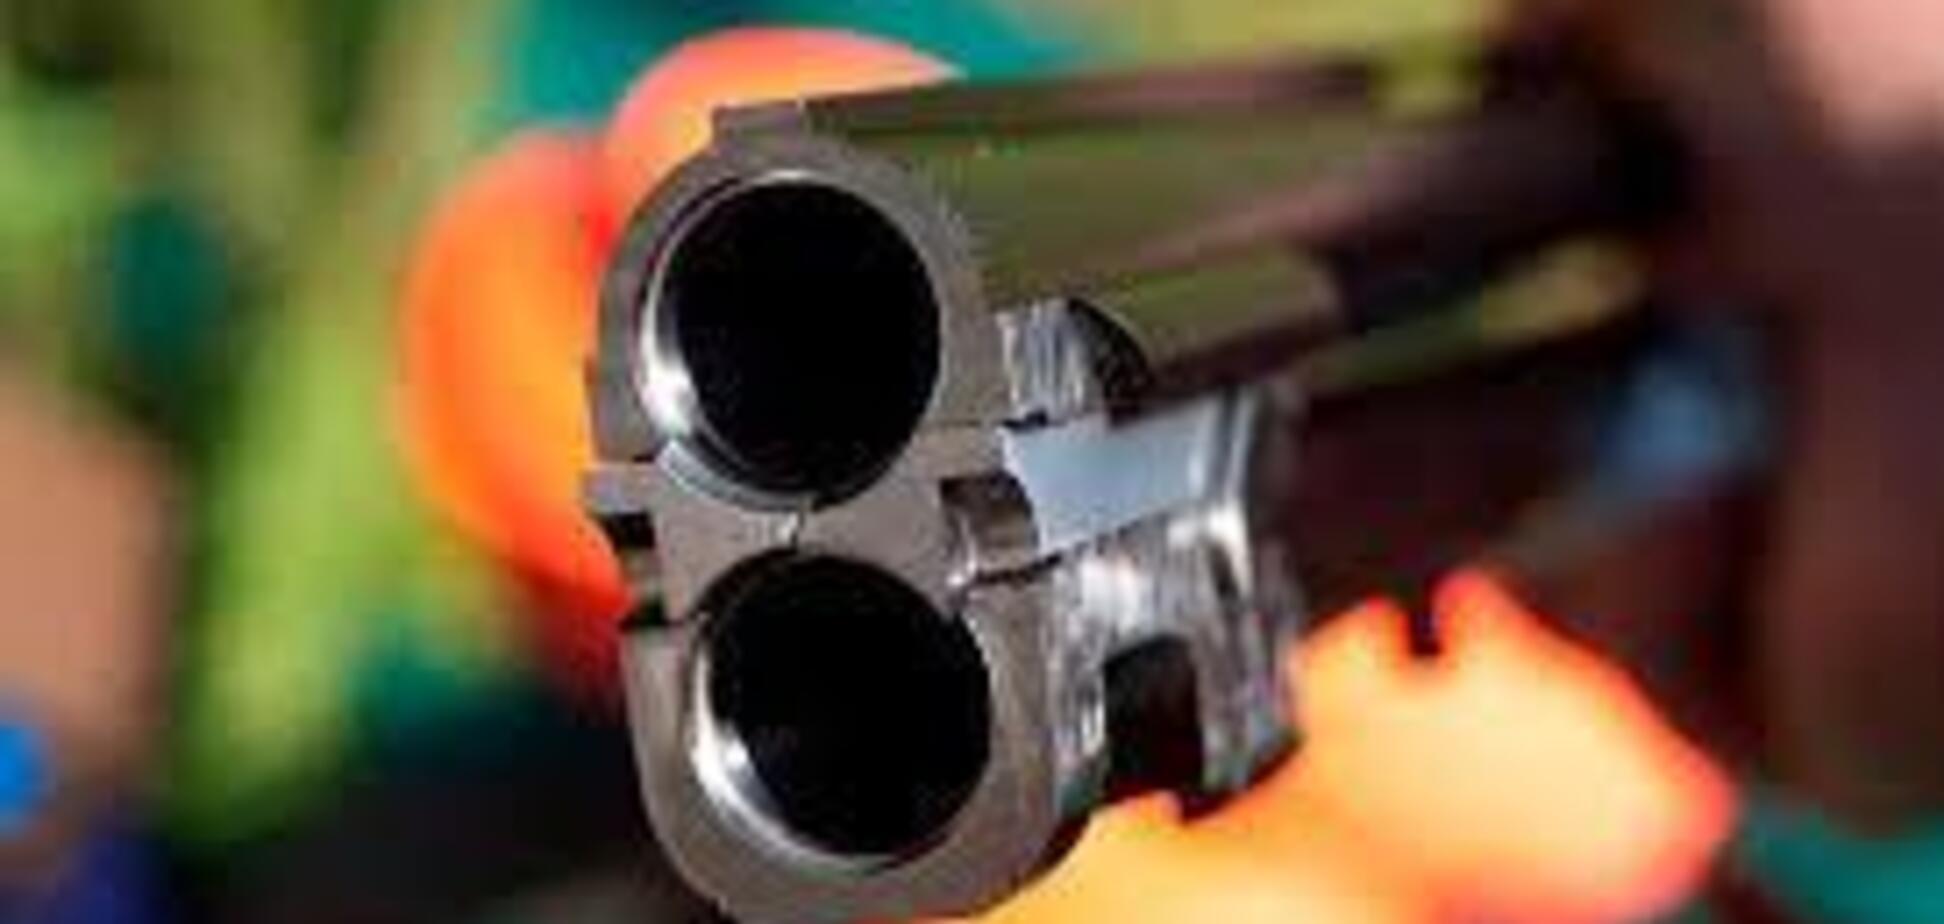 Под Харьковом отец застрелил сына и покончил с собой